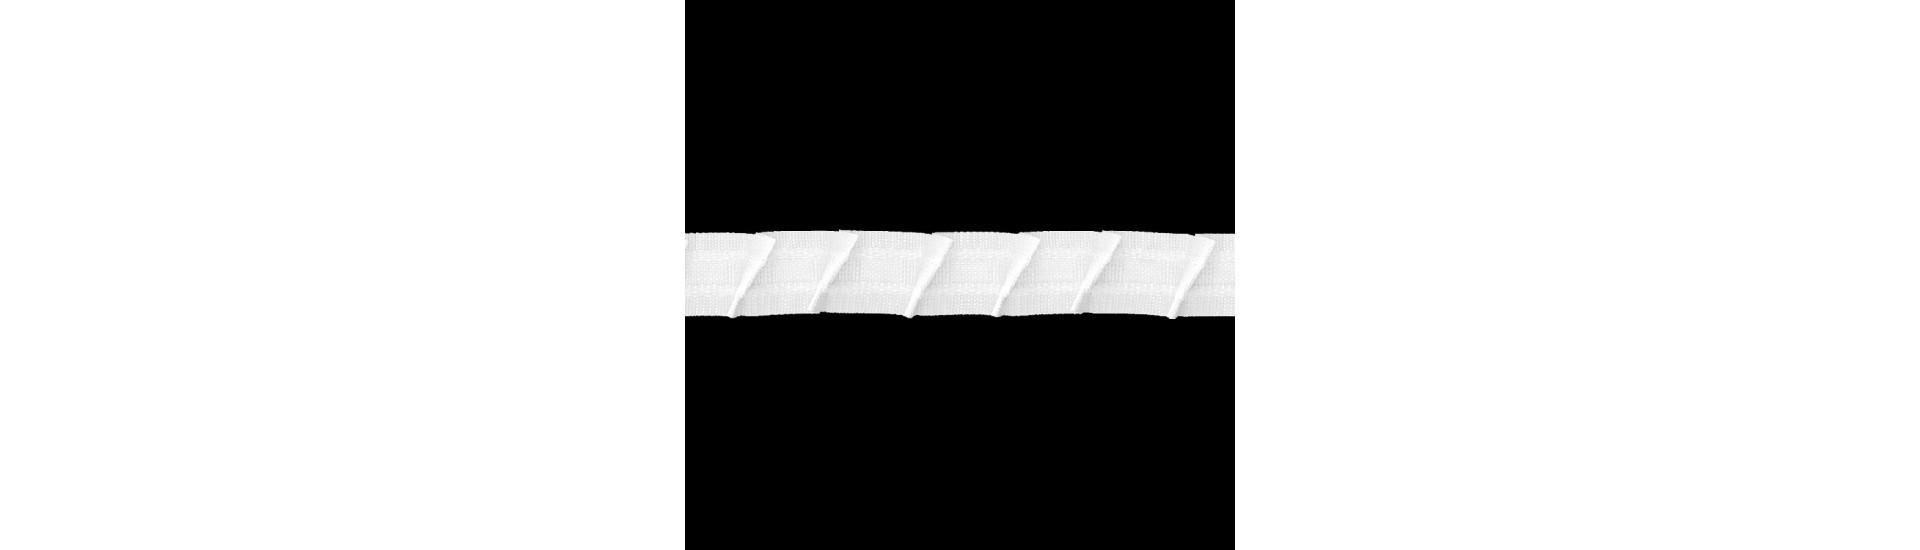 Шторная лента 2,5 см FL-200 (2.25.200.1.1) (50 м)